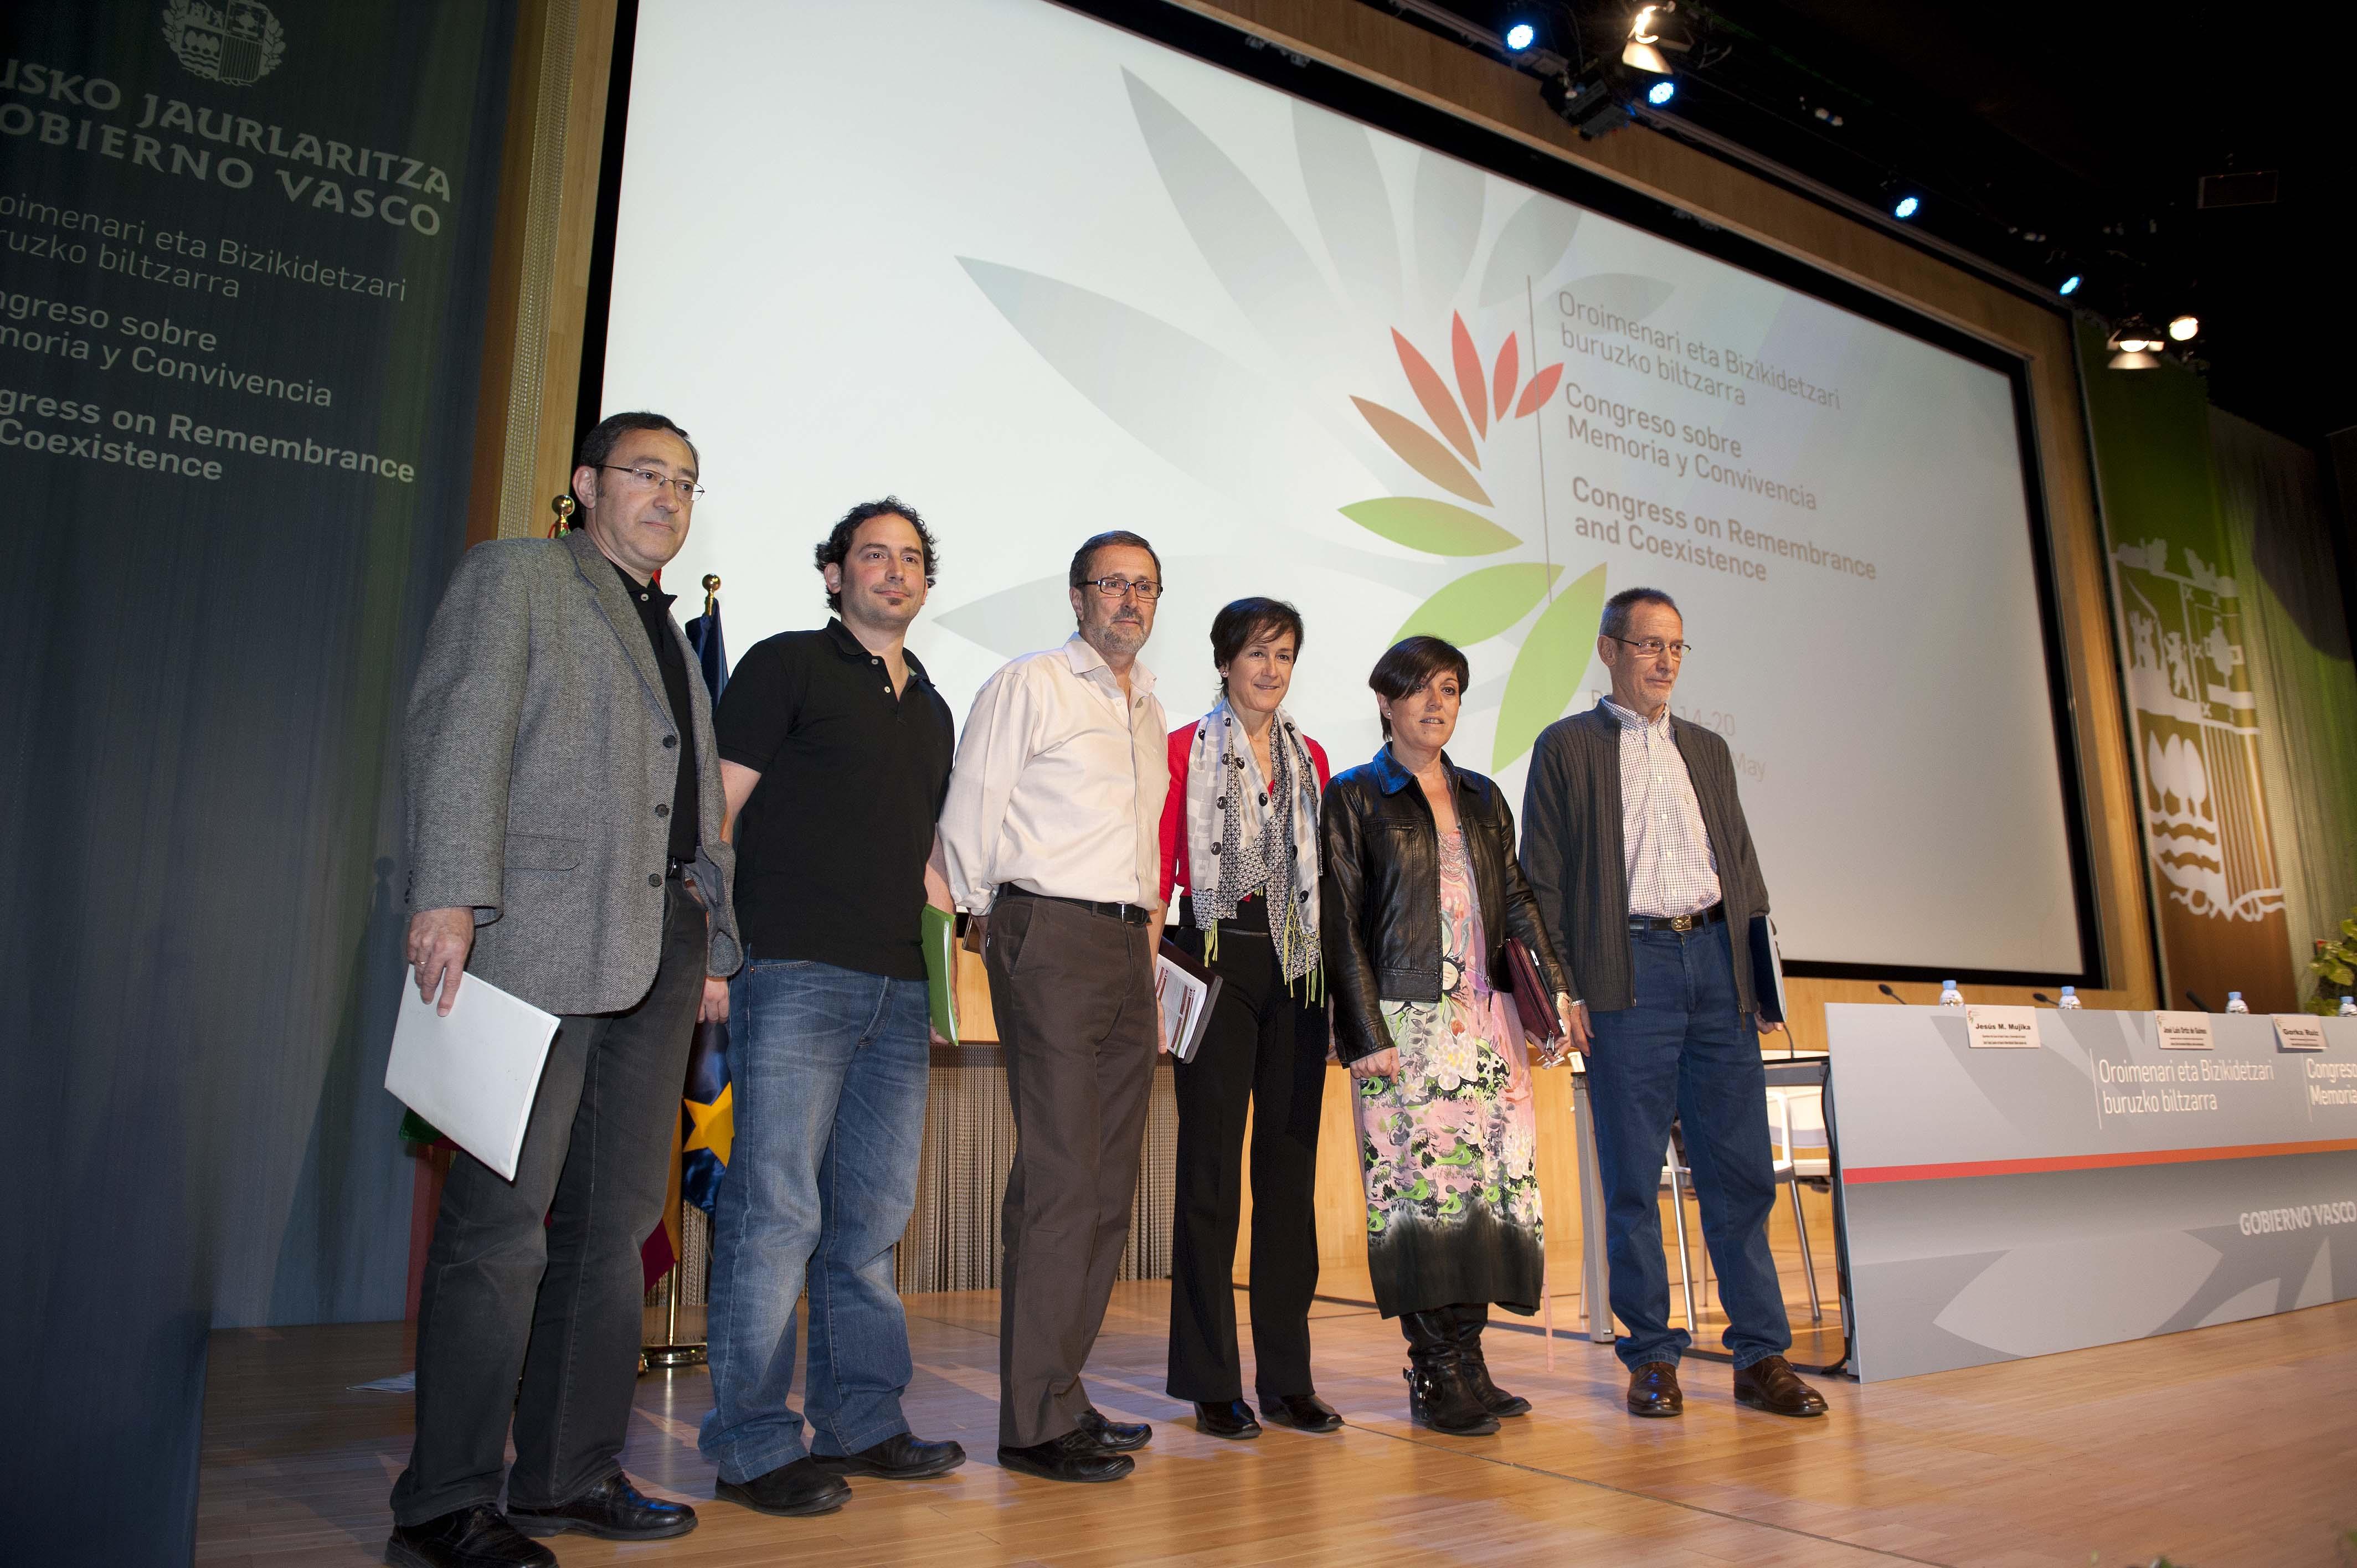 2012_05_19_congreso_memoria_15.jpg